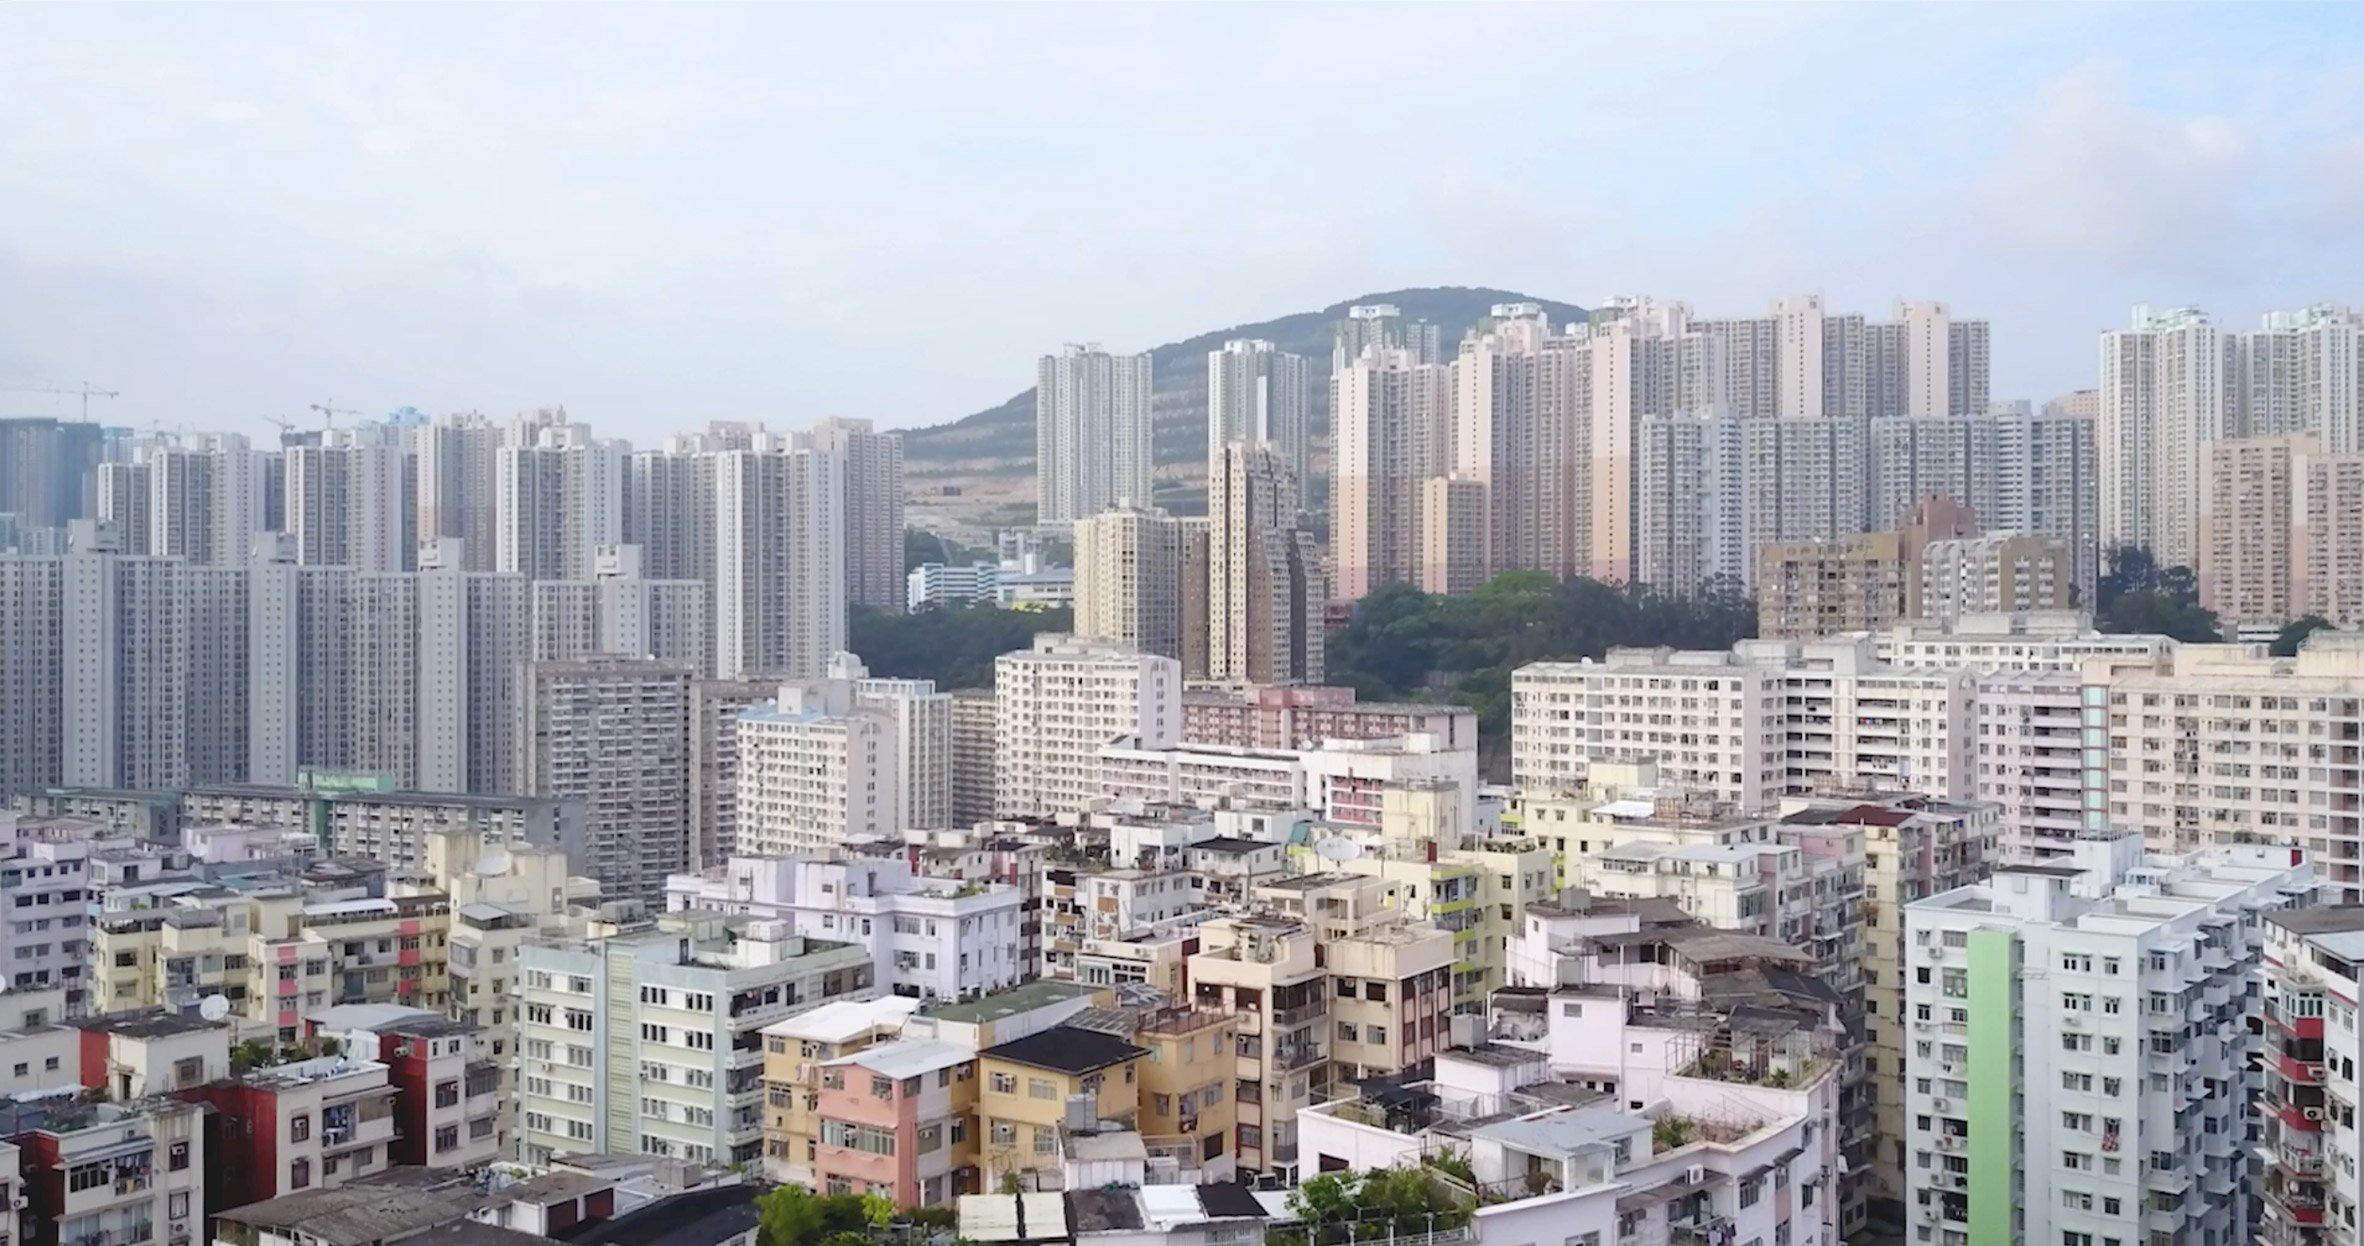 К 2010 году в городах жило уже более 50% населения Земли, и эта доля увеличится до 70% и более к 2050 году. На фото: Гонконг, 2017